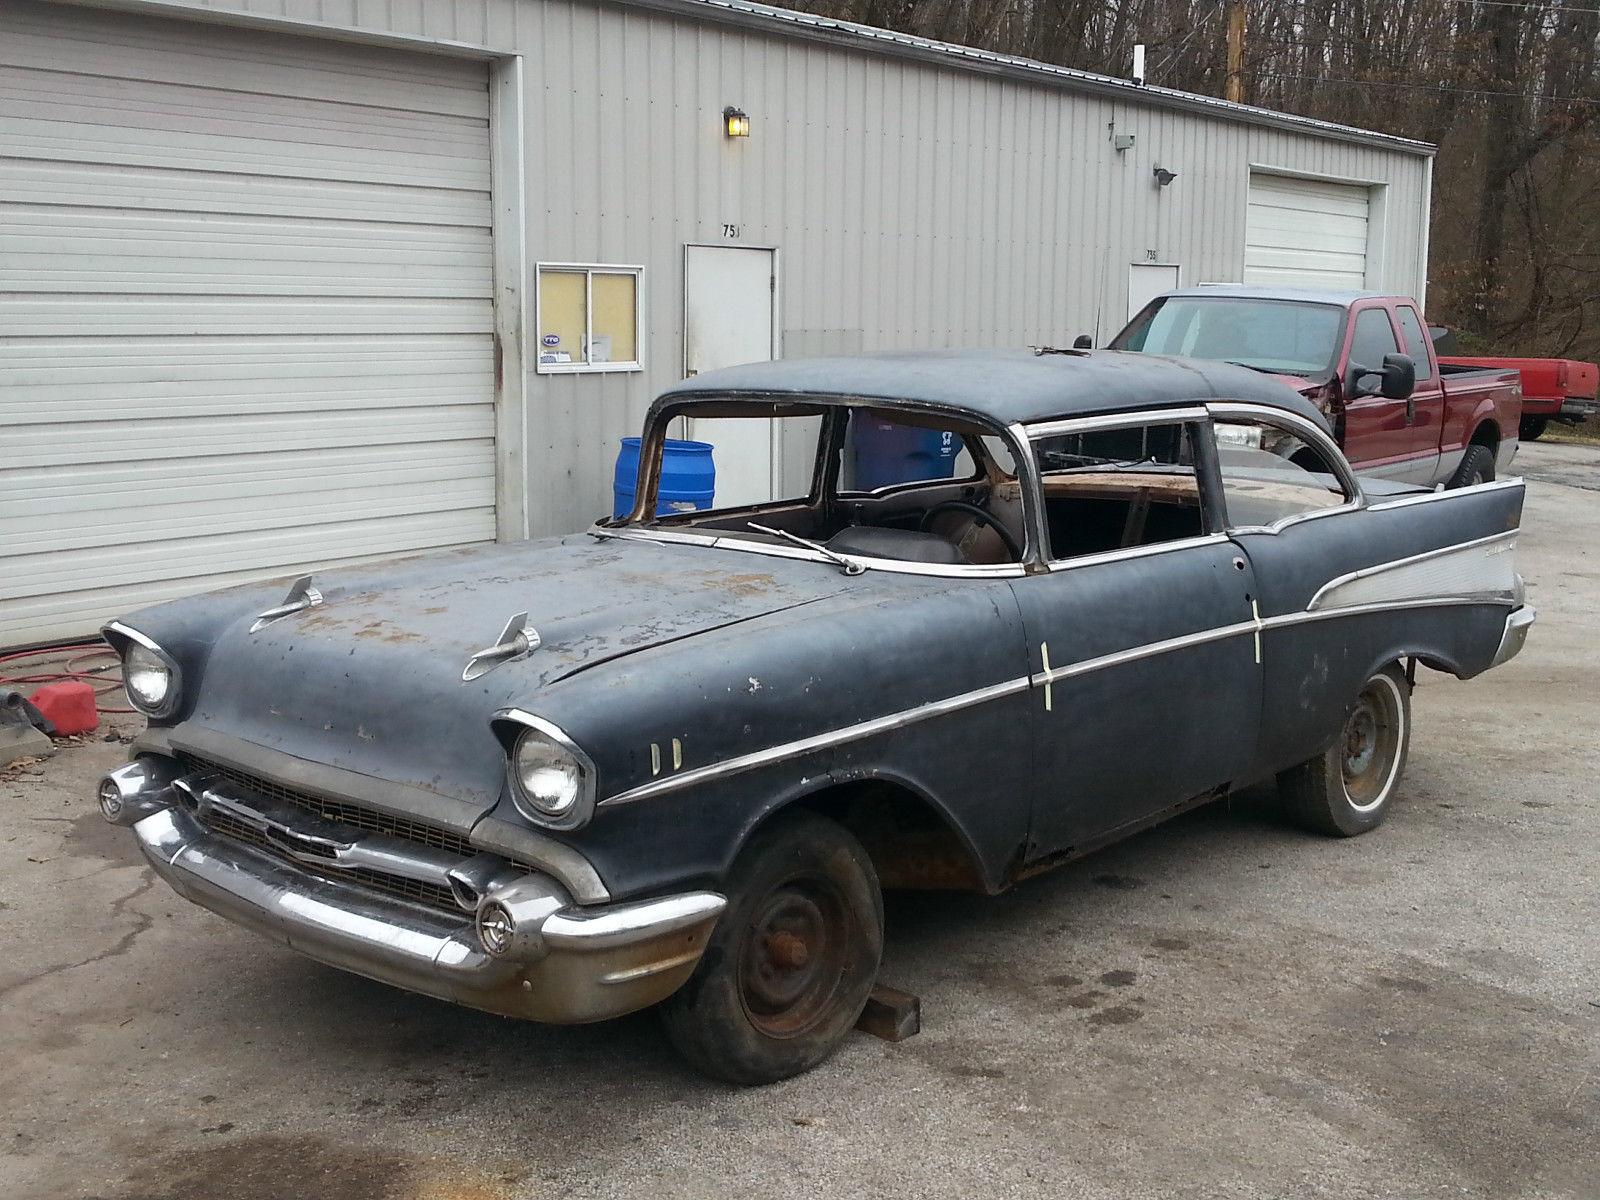 1957 chevy 2 door post true bel air car for sale in for 1957 chevy belair 2 door post